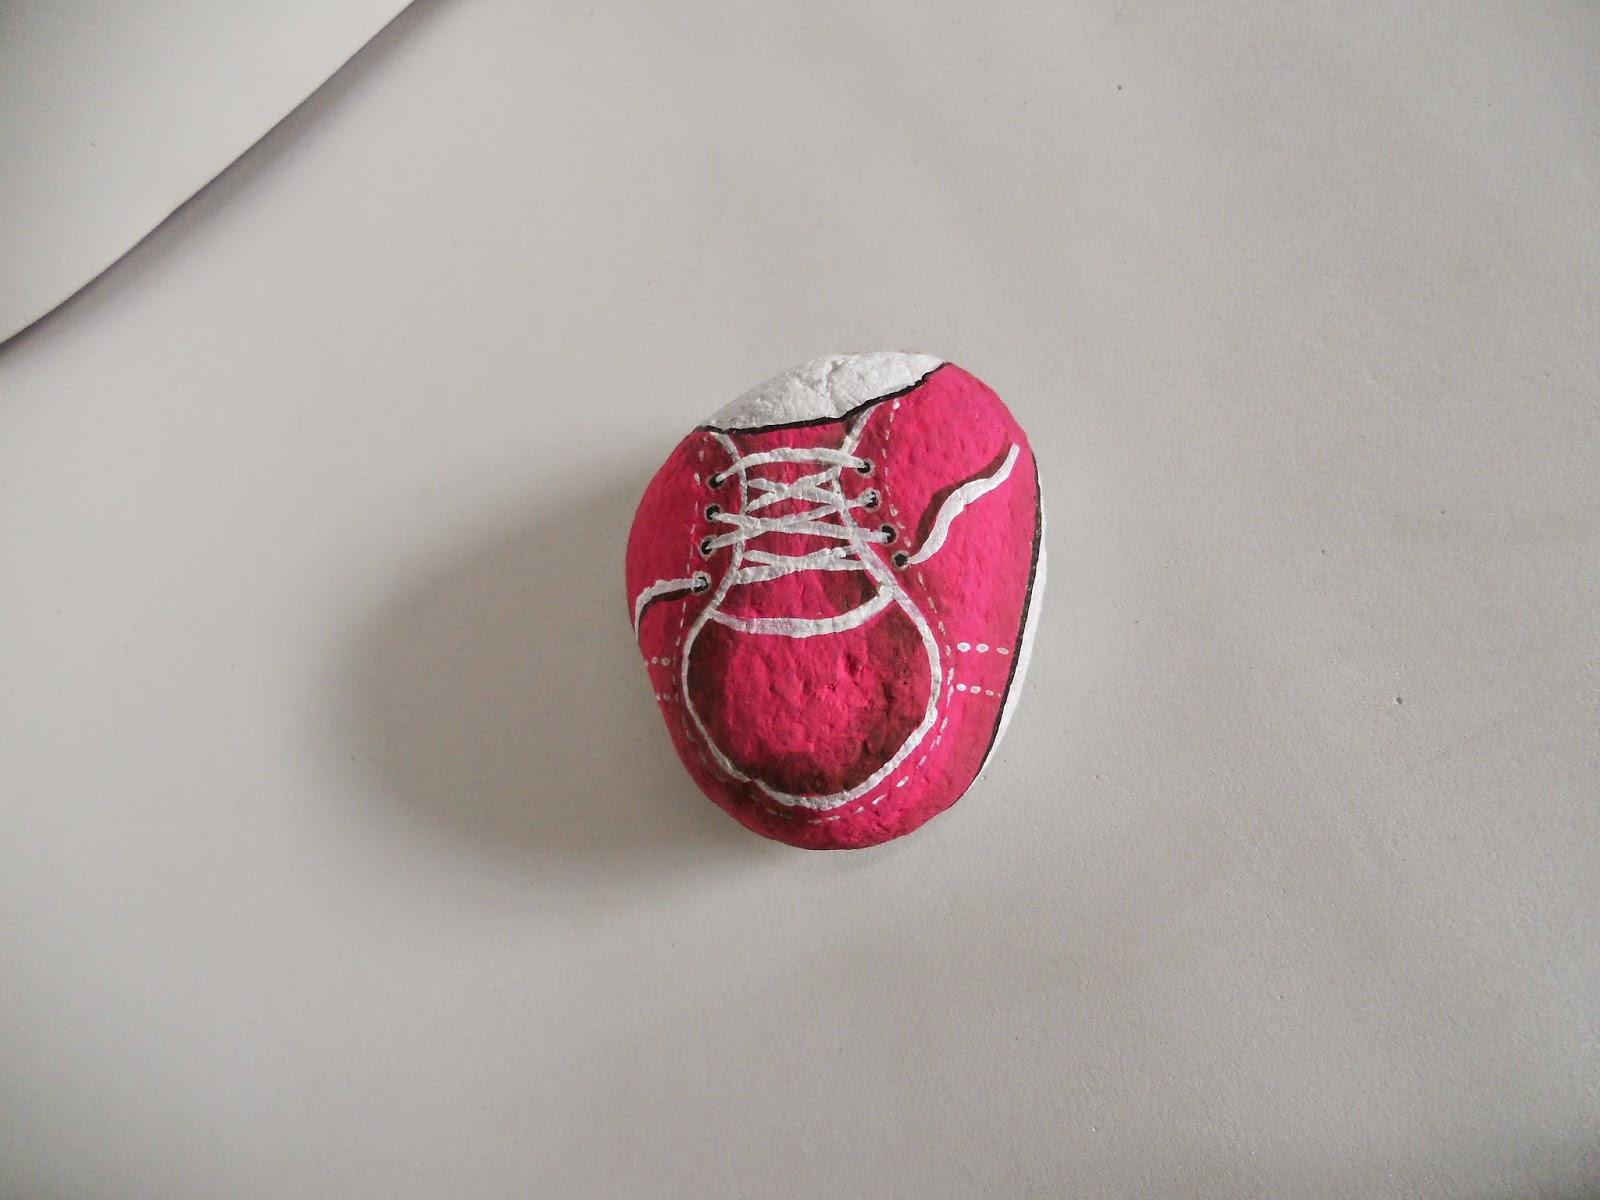 piedra pintada: zapatito bebe